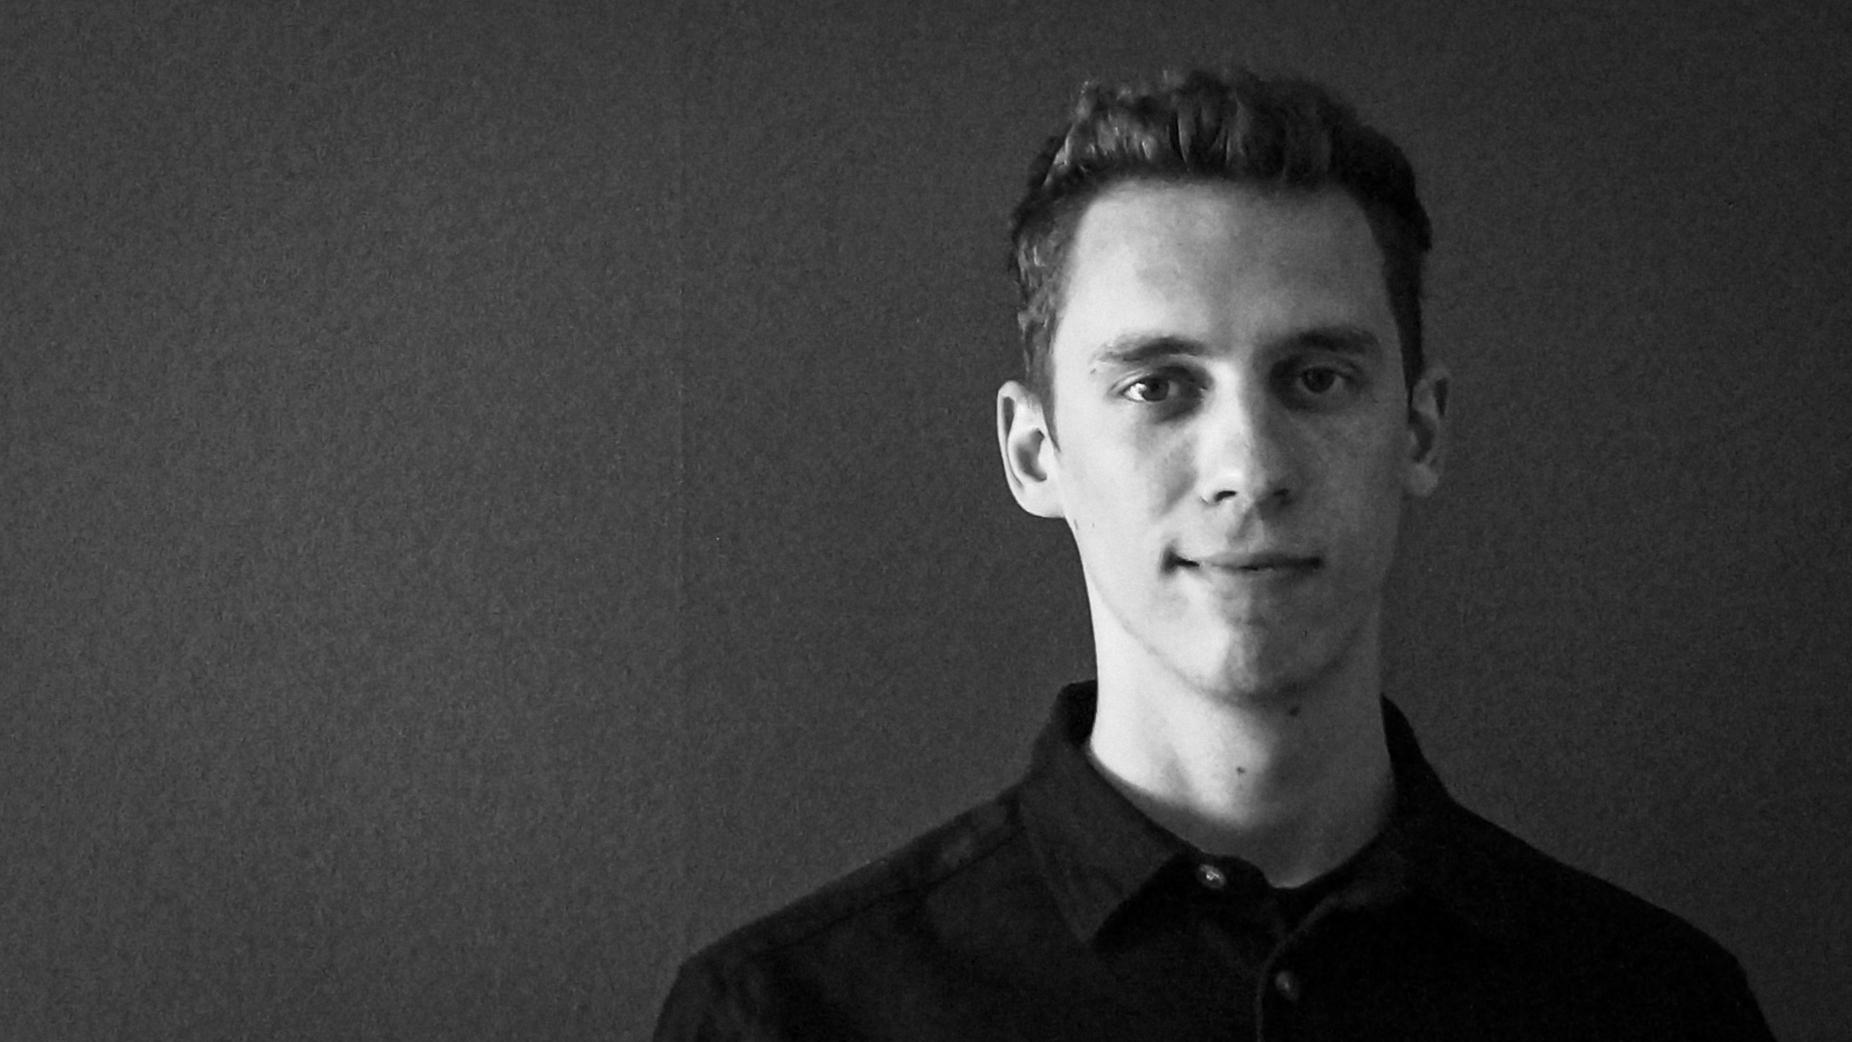 Profil billede af Nikolaj D. Jacobsen